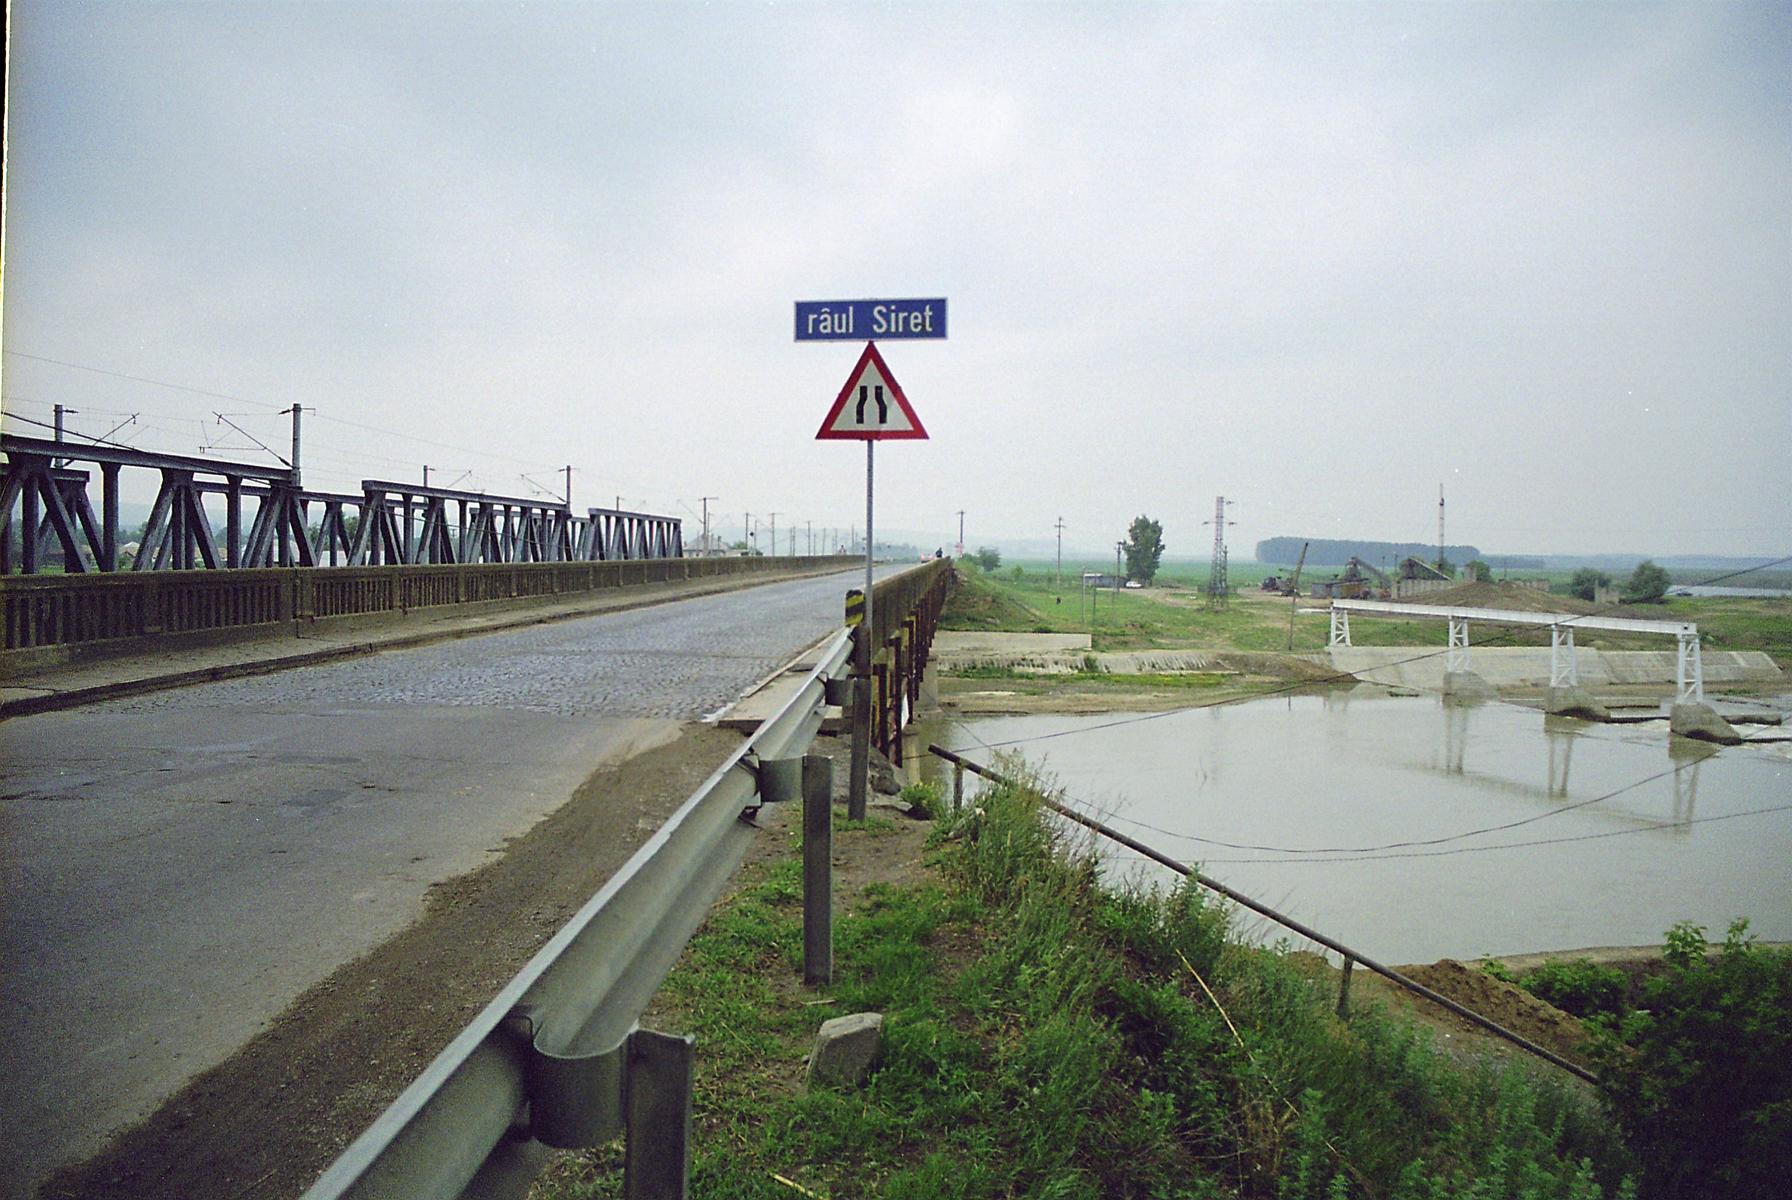 Reparatii pod peste raul Siret MAPEI - Poza 1